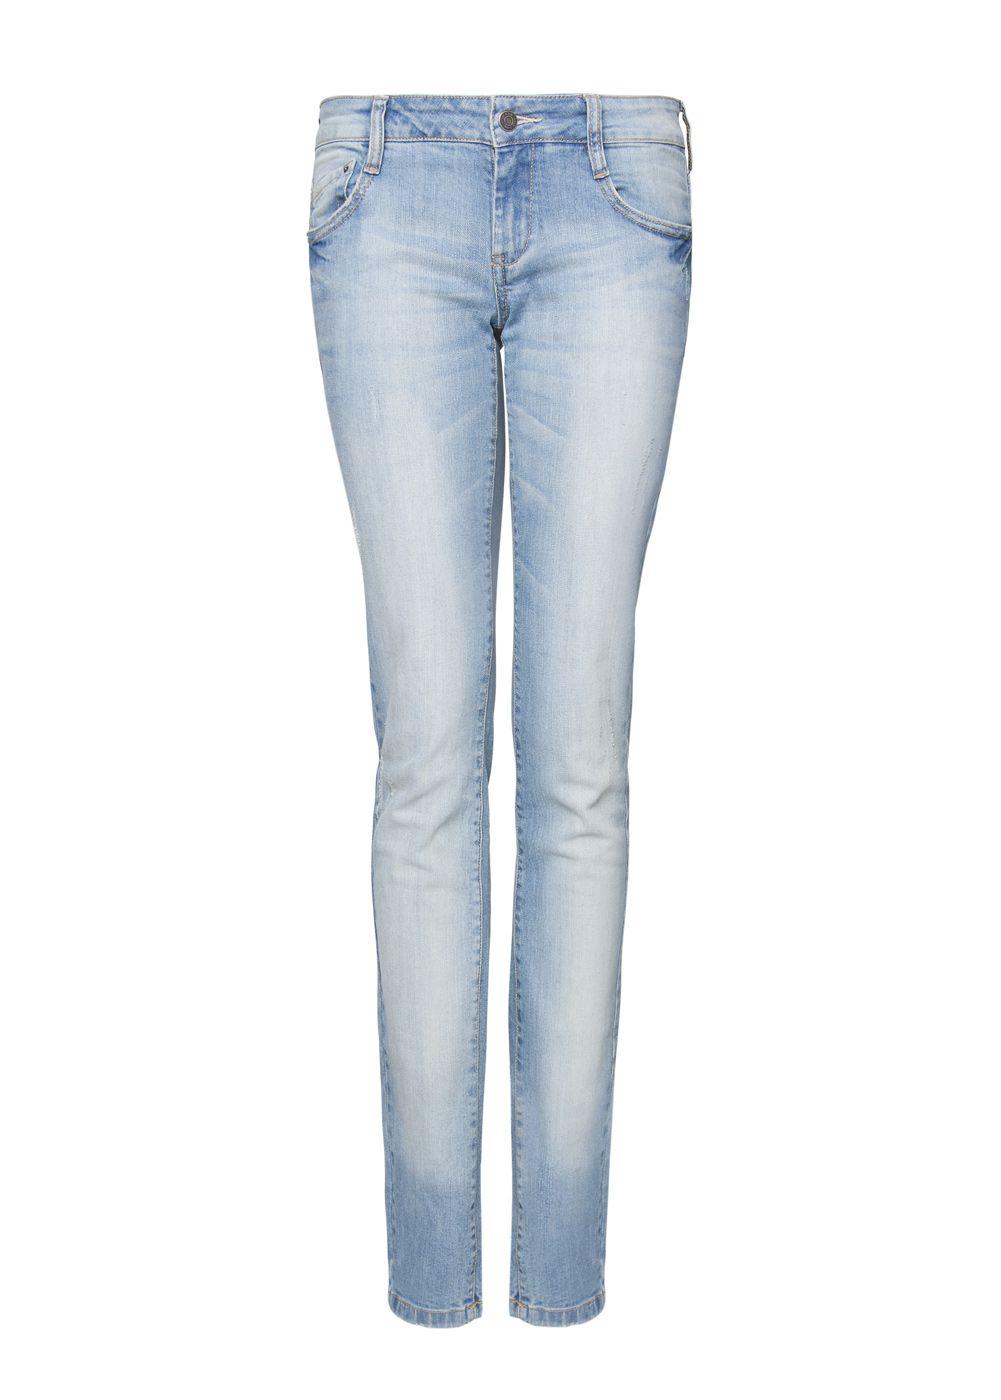 Ripped Boyfriend Jeans For Women